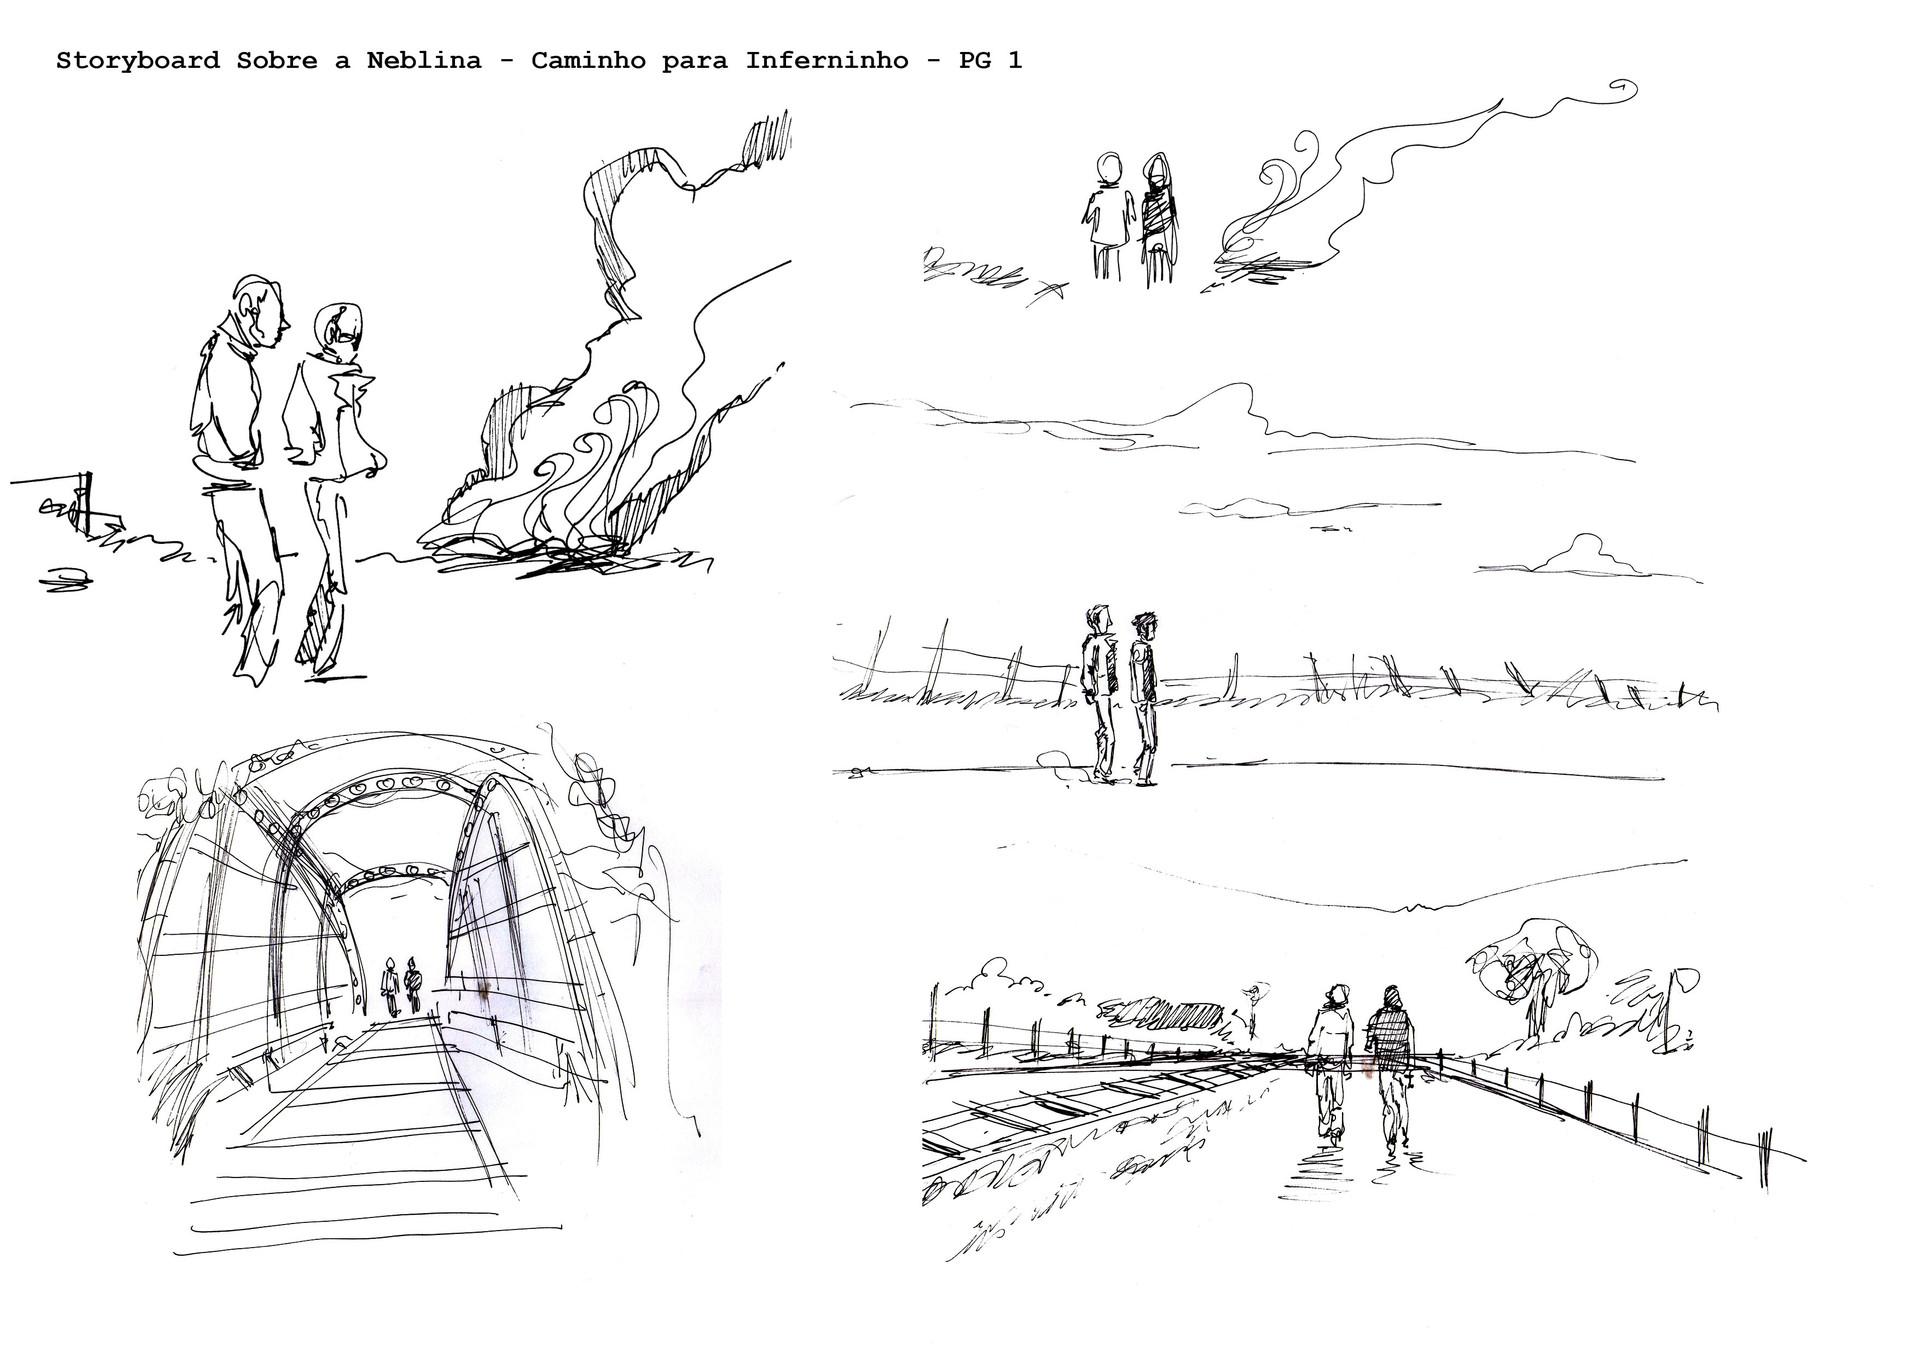 Storyboard_seq caminho inferninho pg 1.j